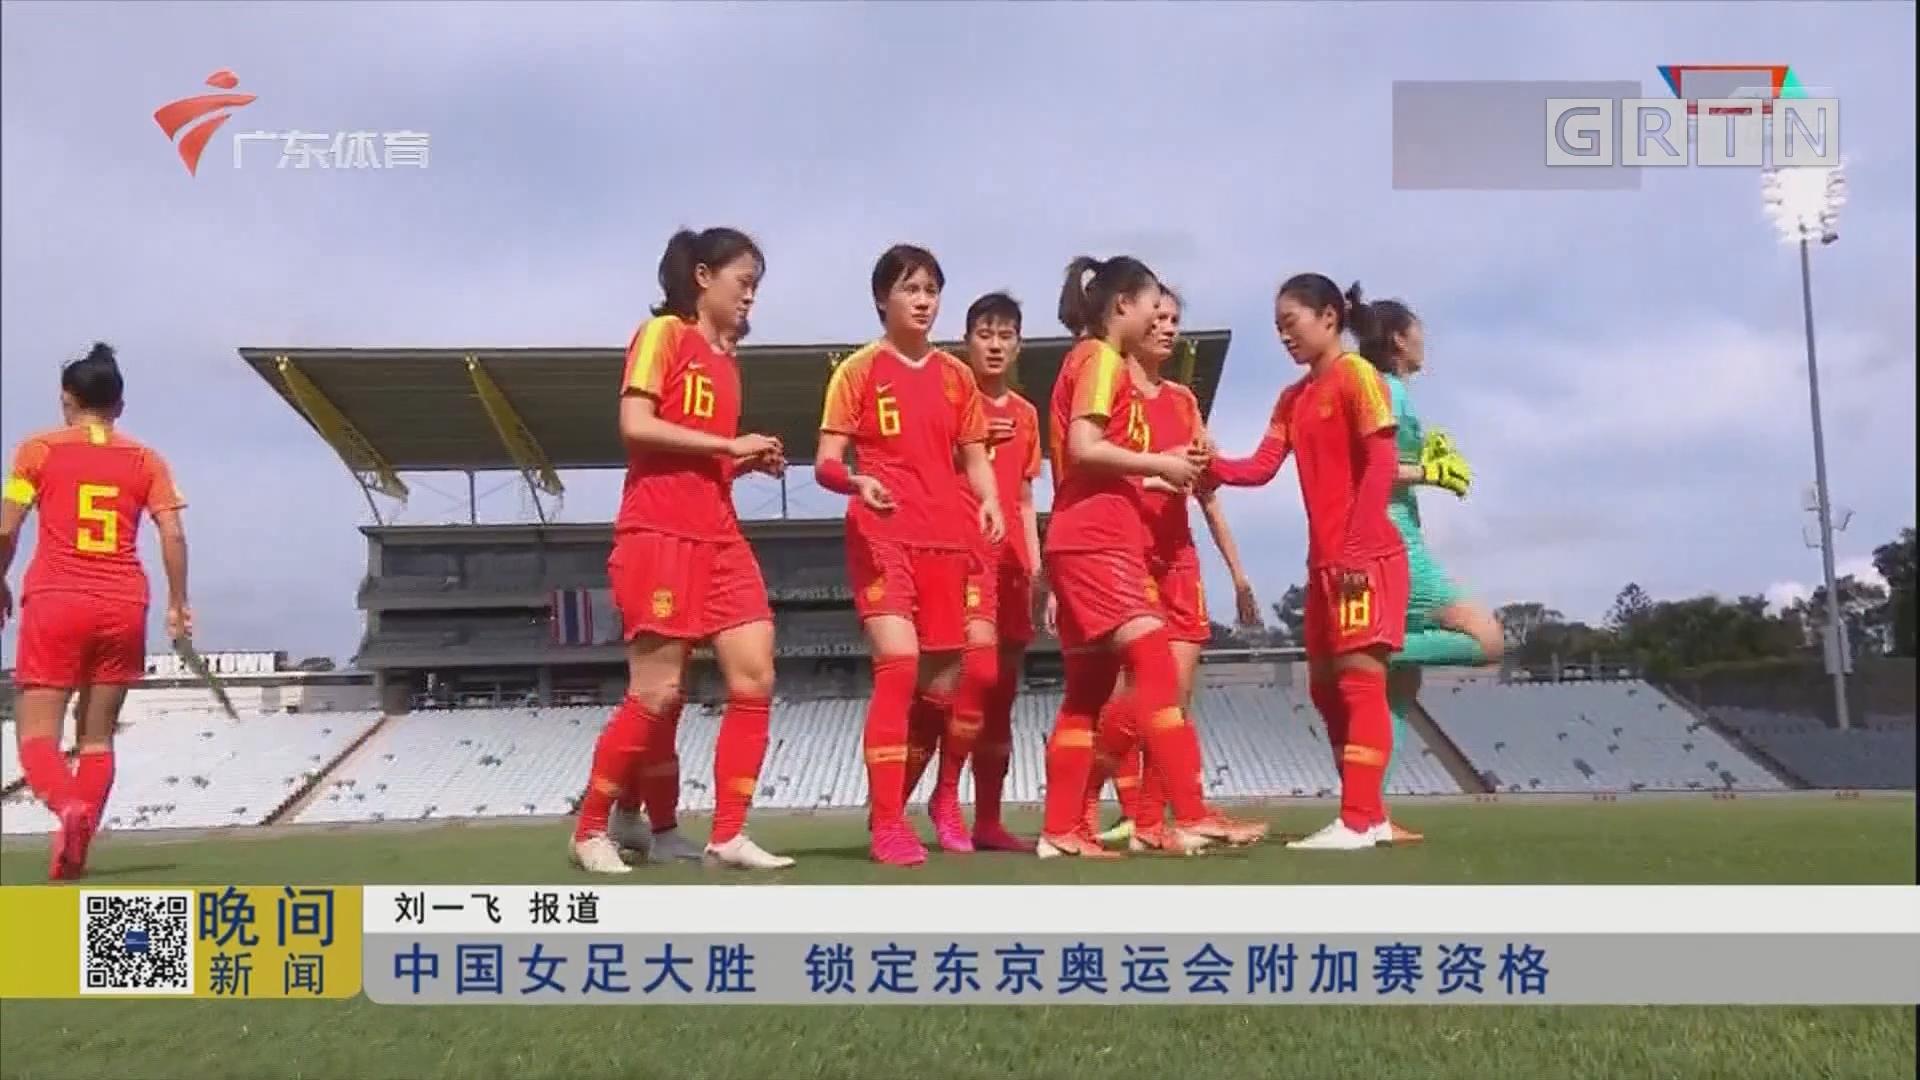 中国女足大胜 锁定东京奥运会附加赛资格